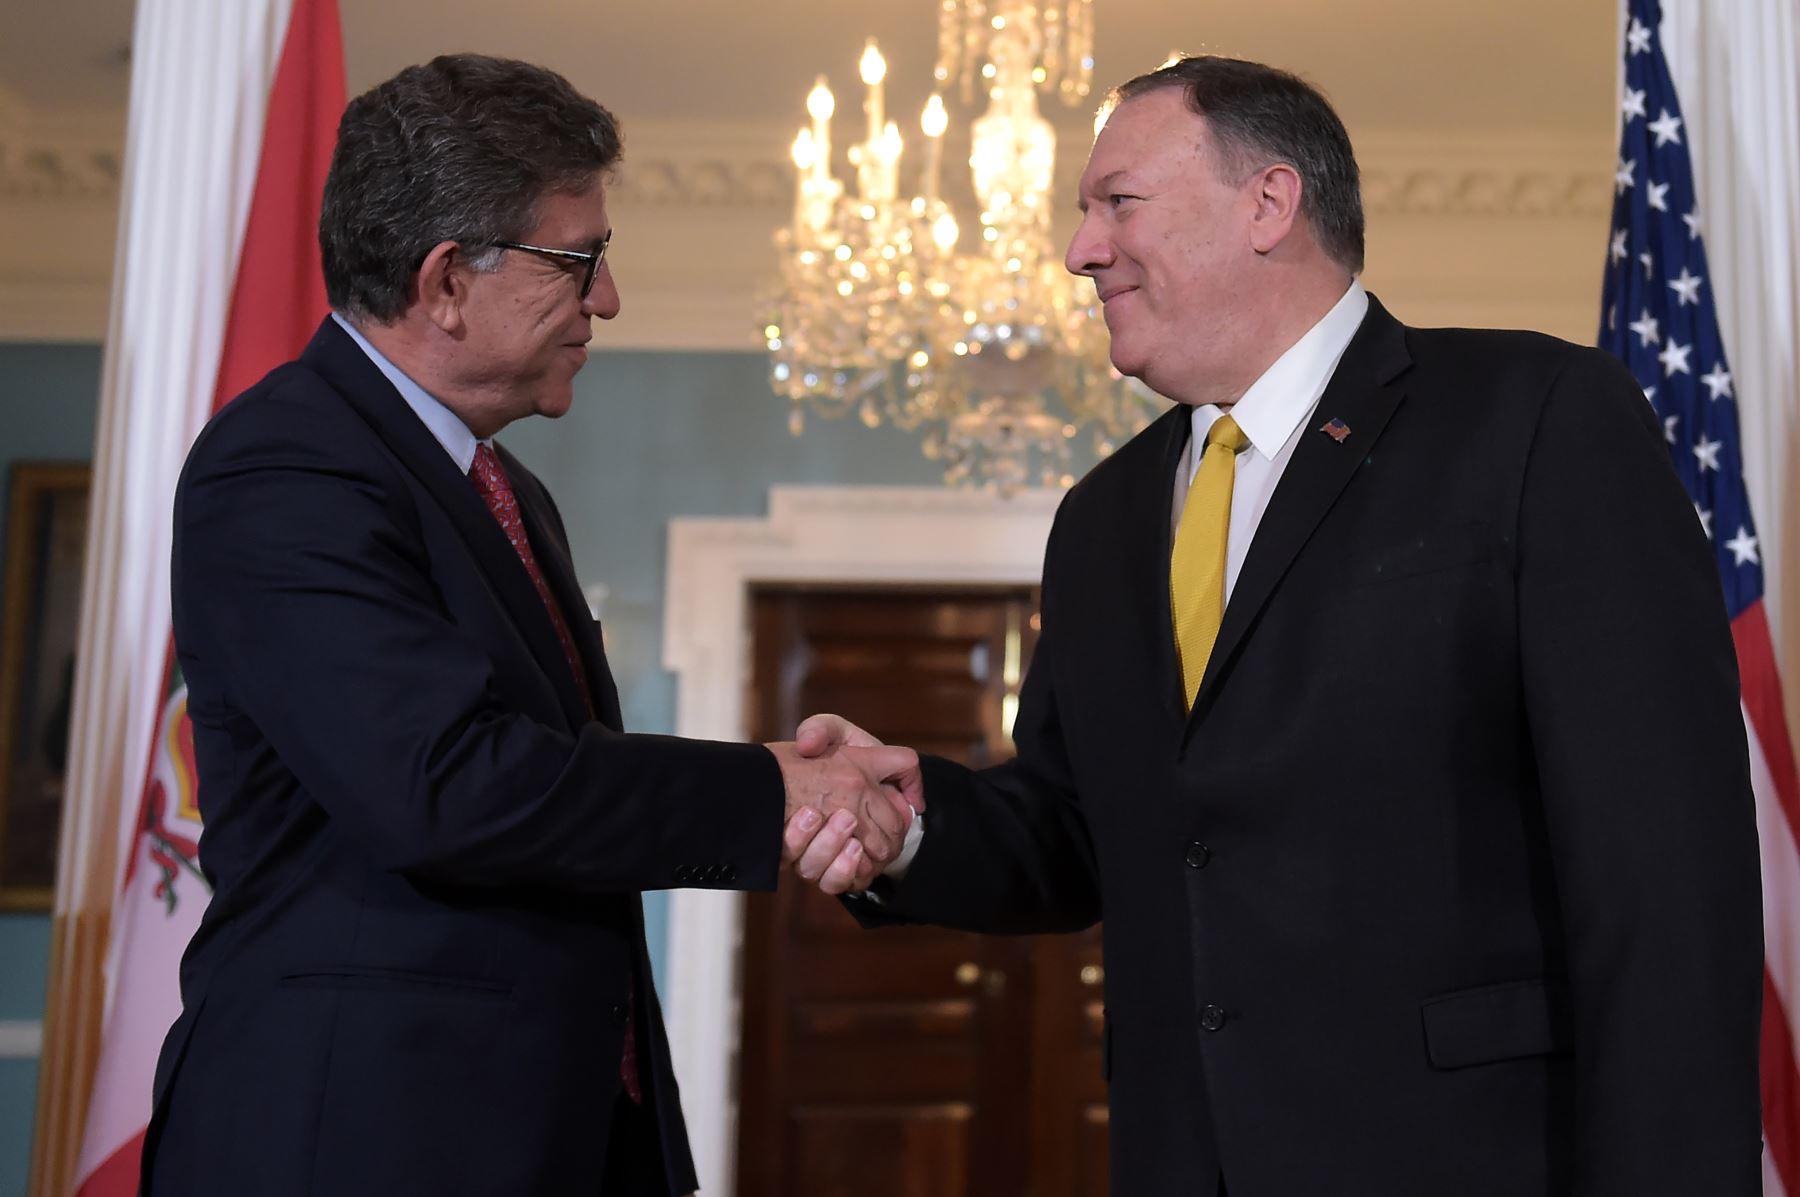 El Secretario de Estado de los Estados Unidos, Mike Pompeo  se reúne con el Ministro de Relaciones Exteriores de Perú, Gustavo Meza-Cuadra, en el Departamento de Estado en Washington DC.Foto: AFP